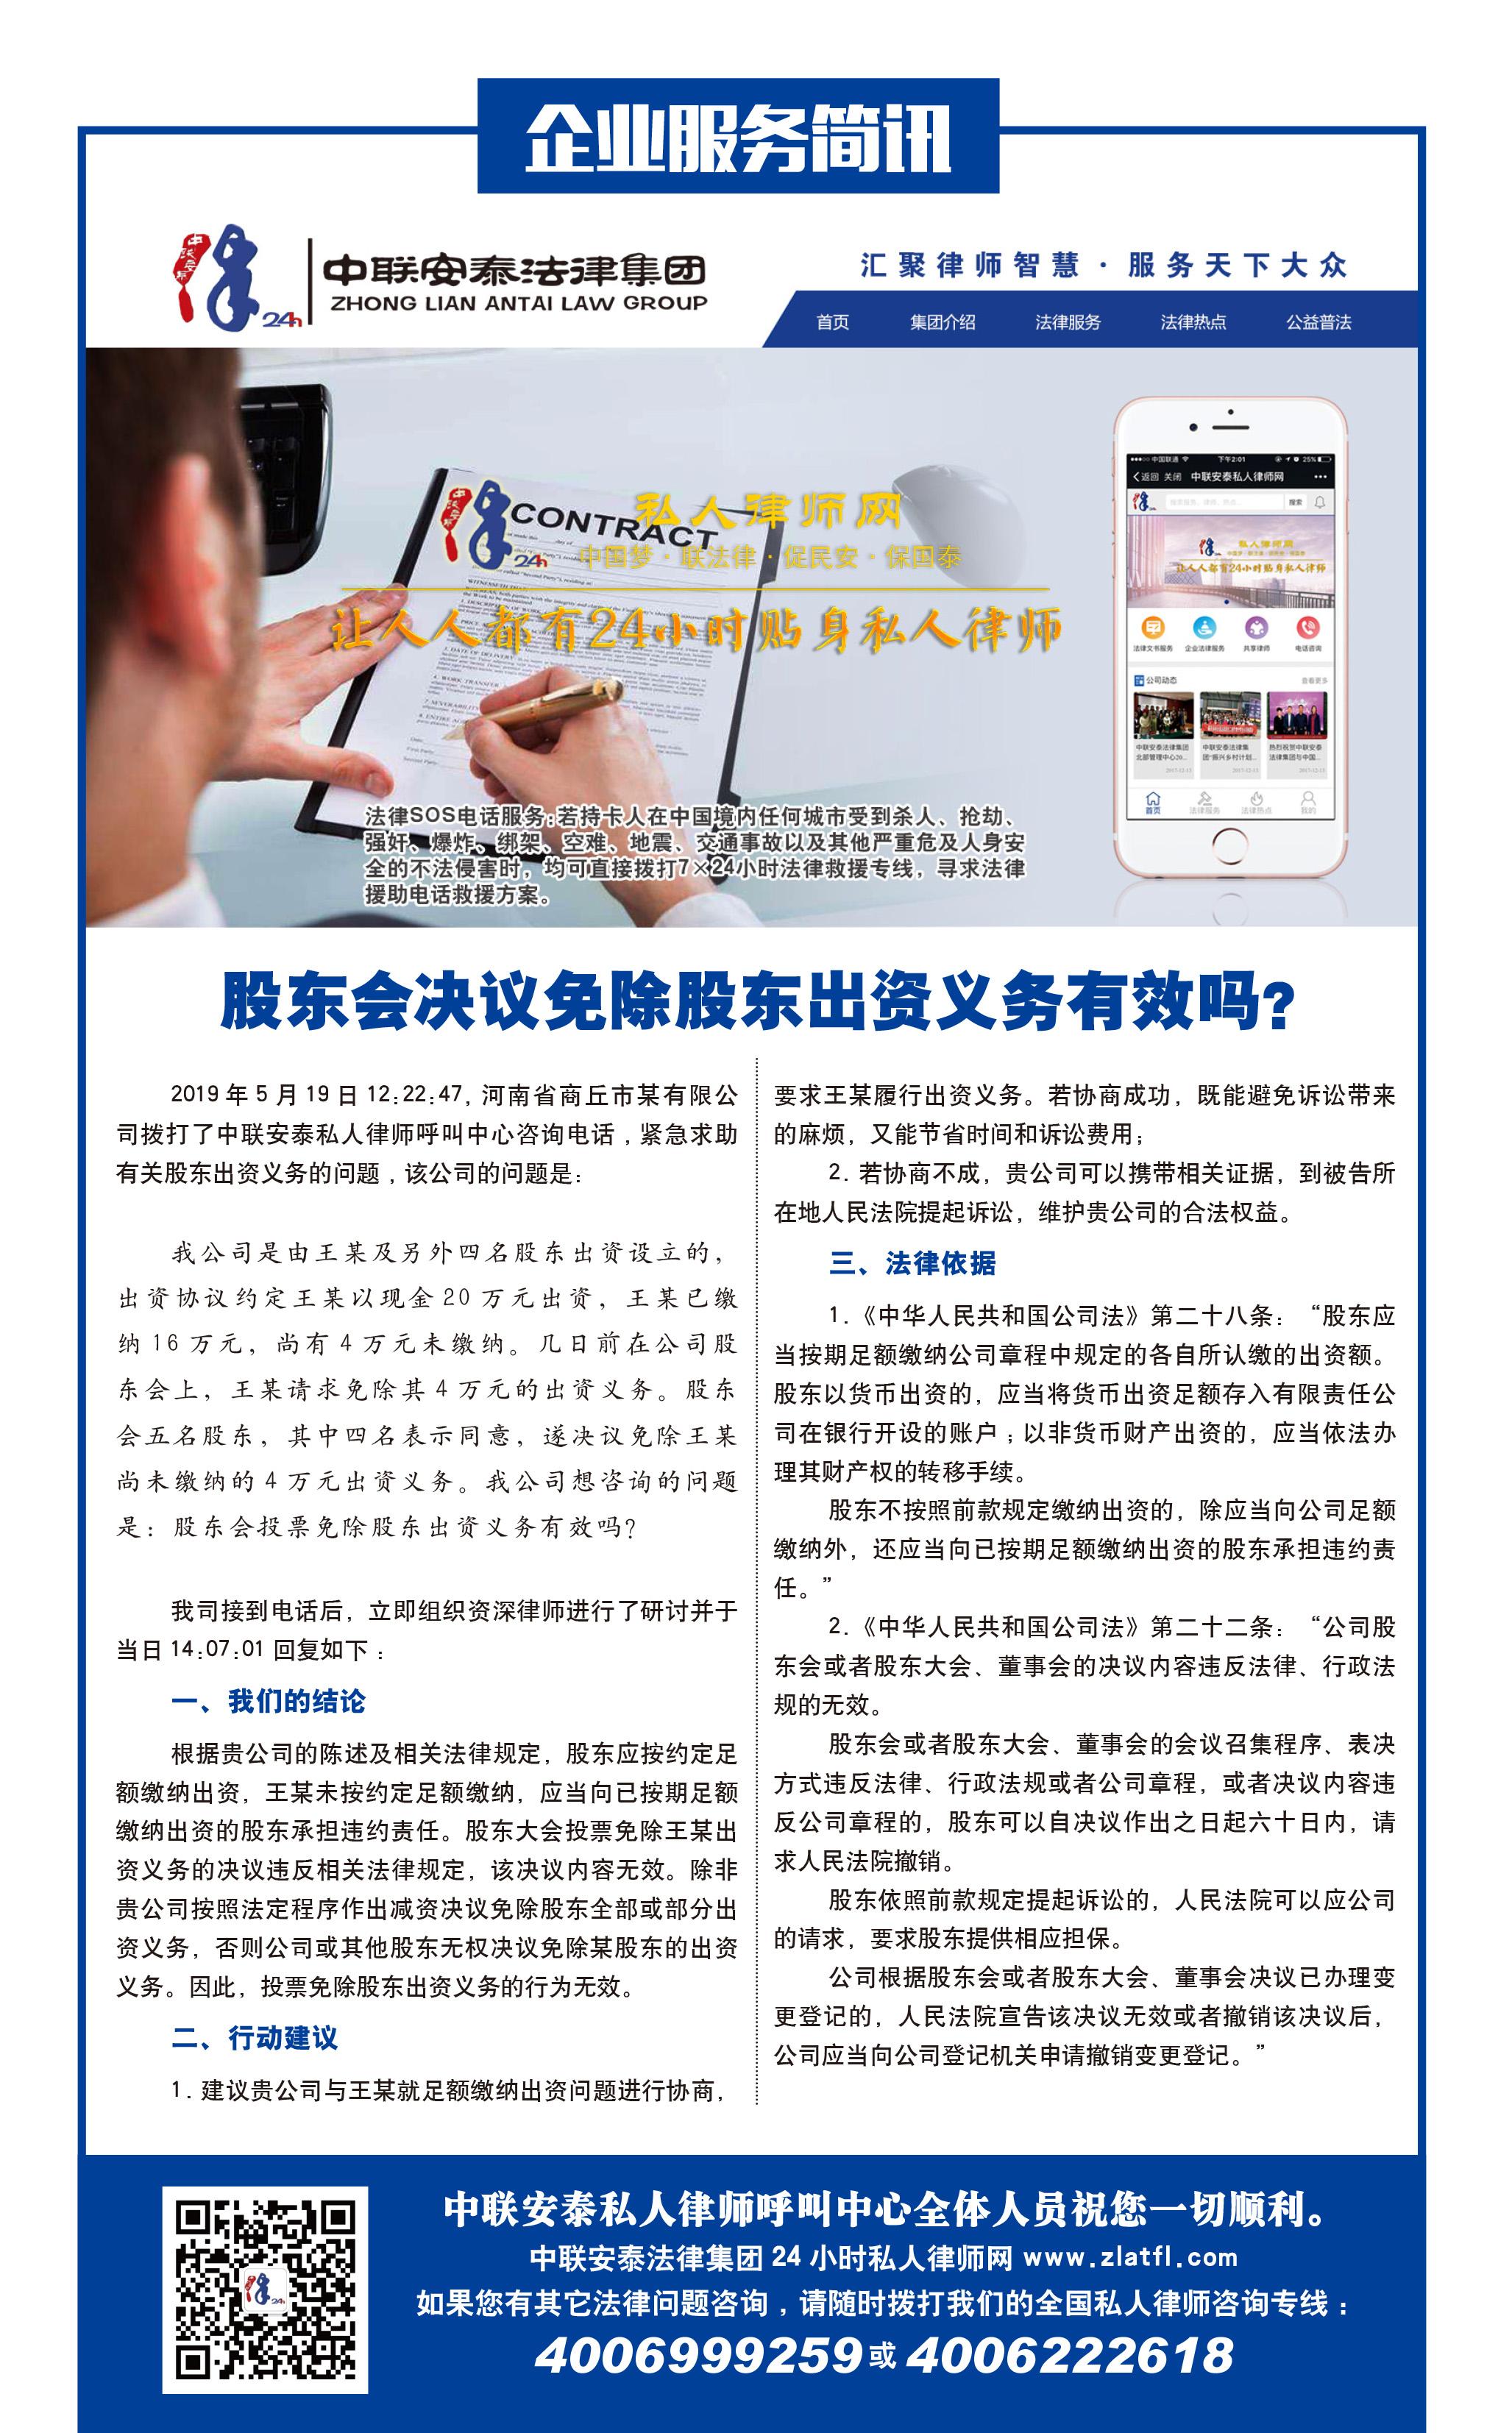 0520企业服务简讯.jpg